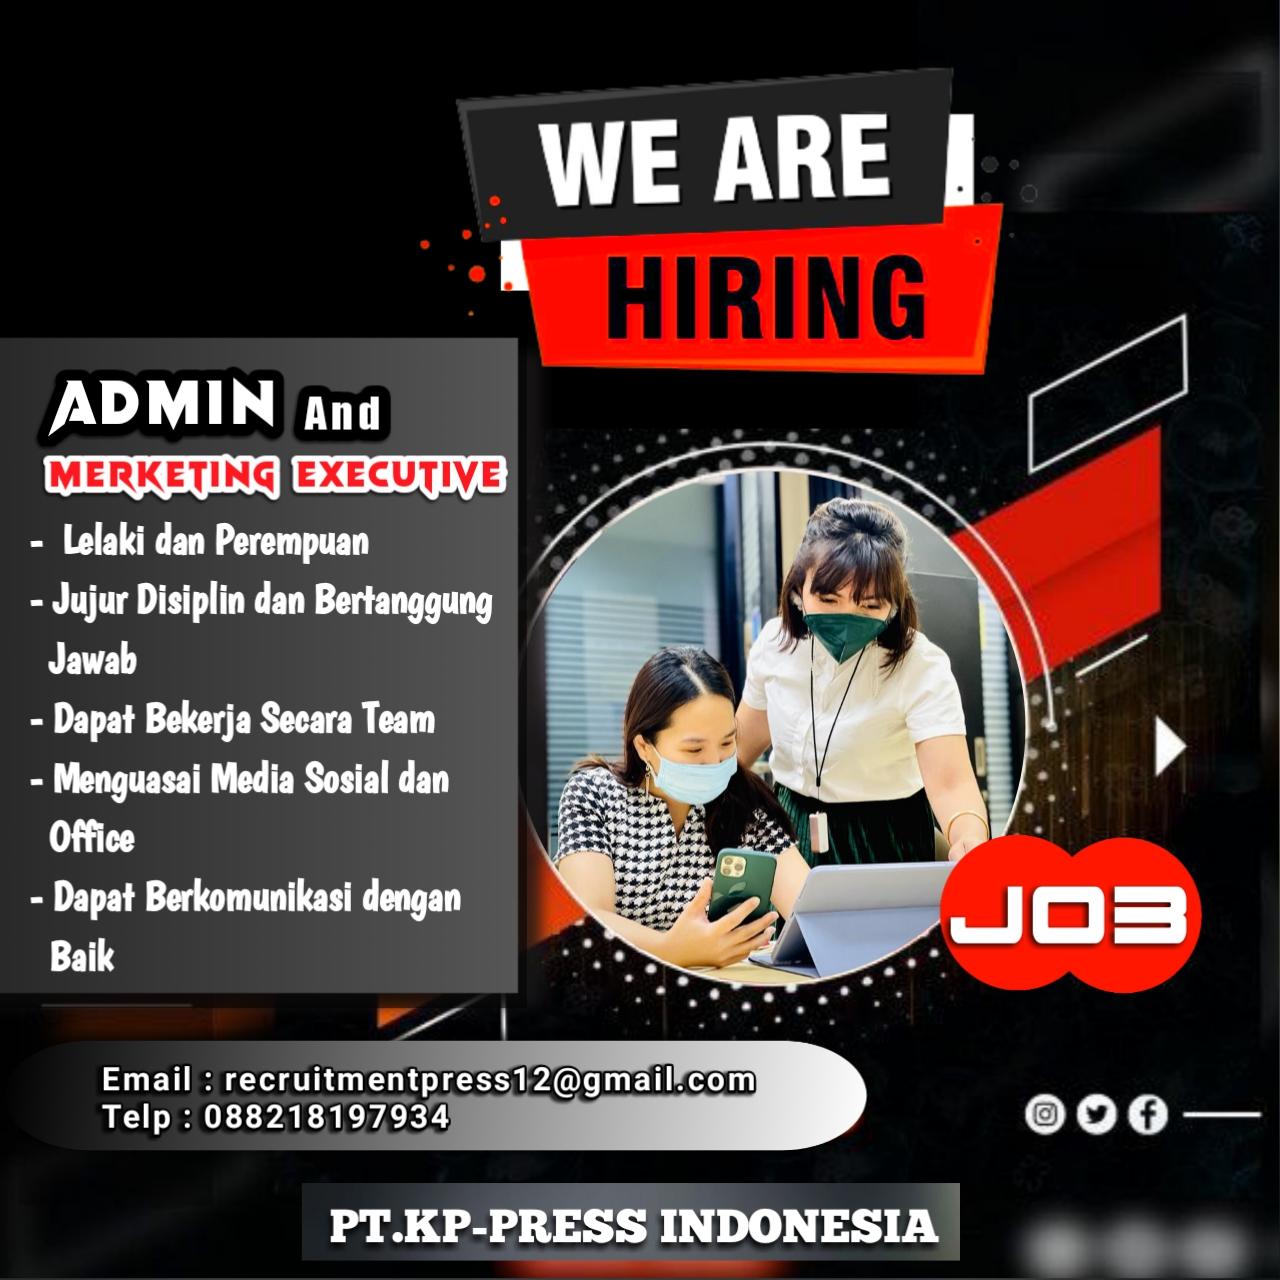 Lowongan Kerja PT.KP-PRESS INDONESIA